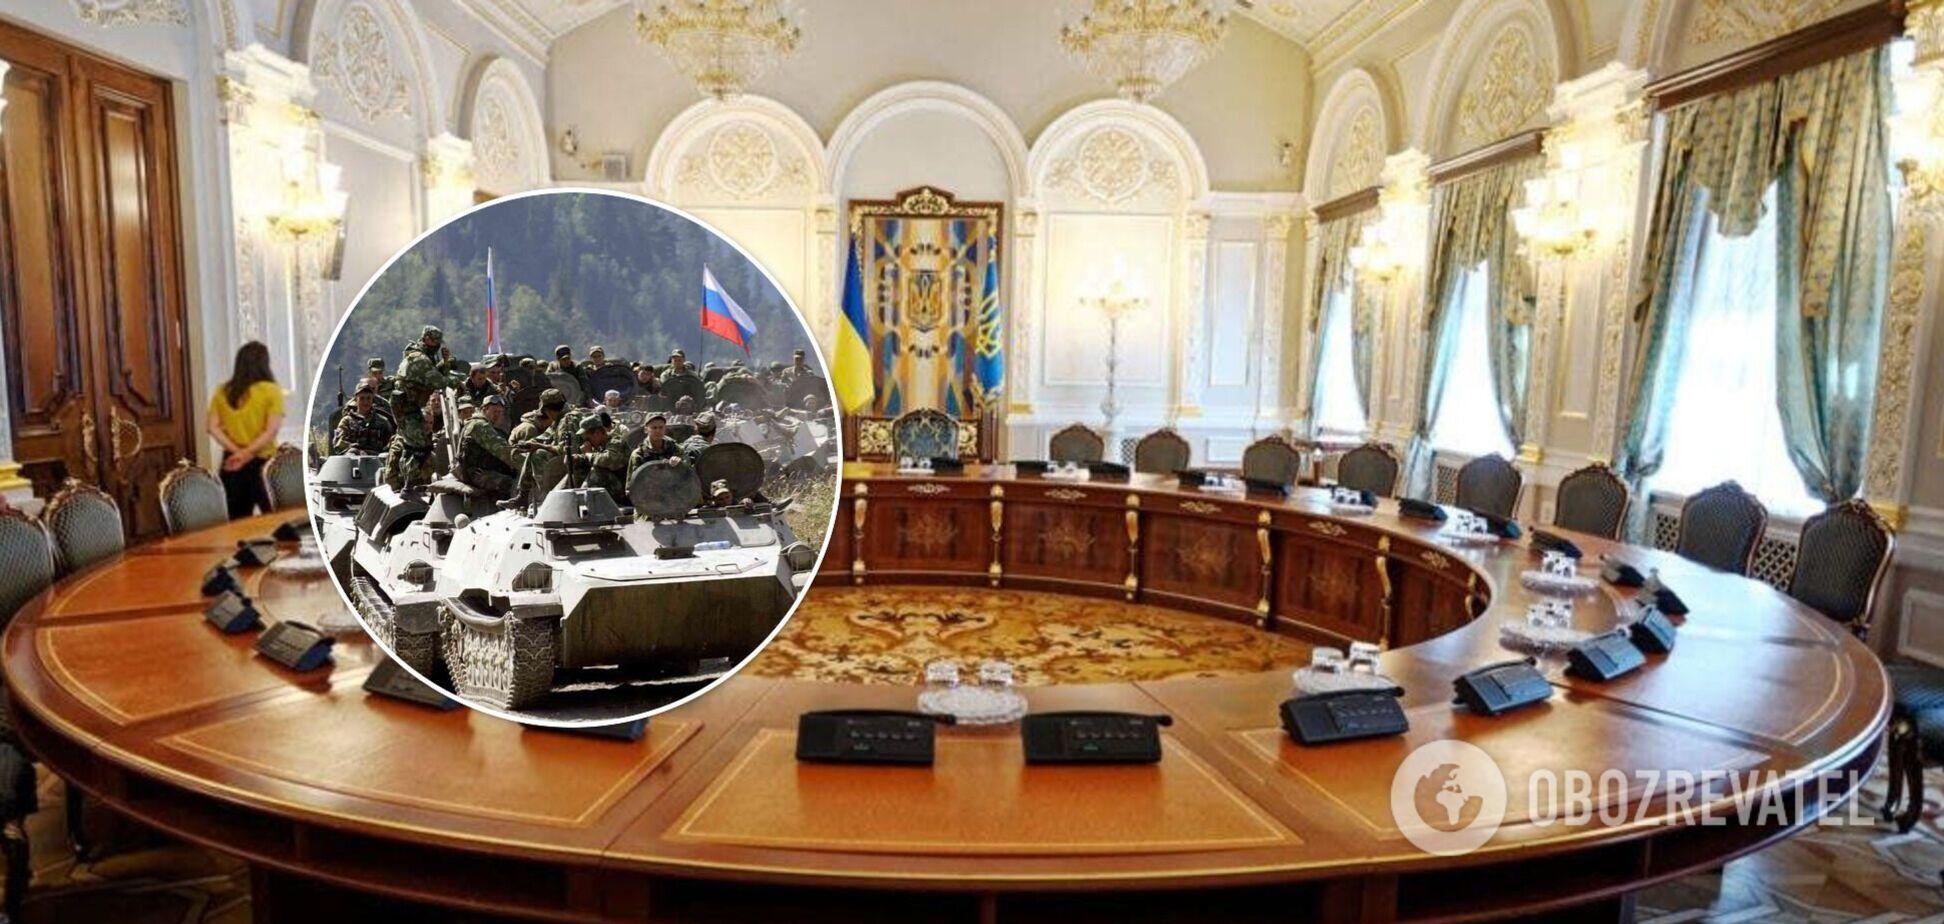 СНБО разрабатывает разные сценарии реагирования на российскую угрозу, – Данилов